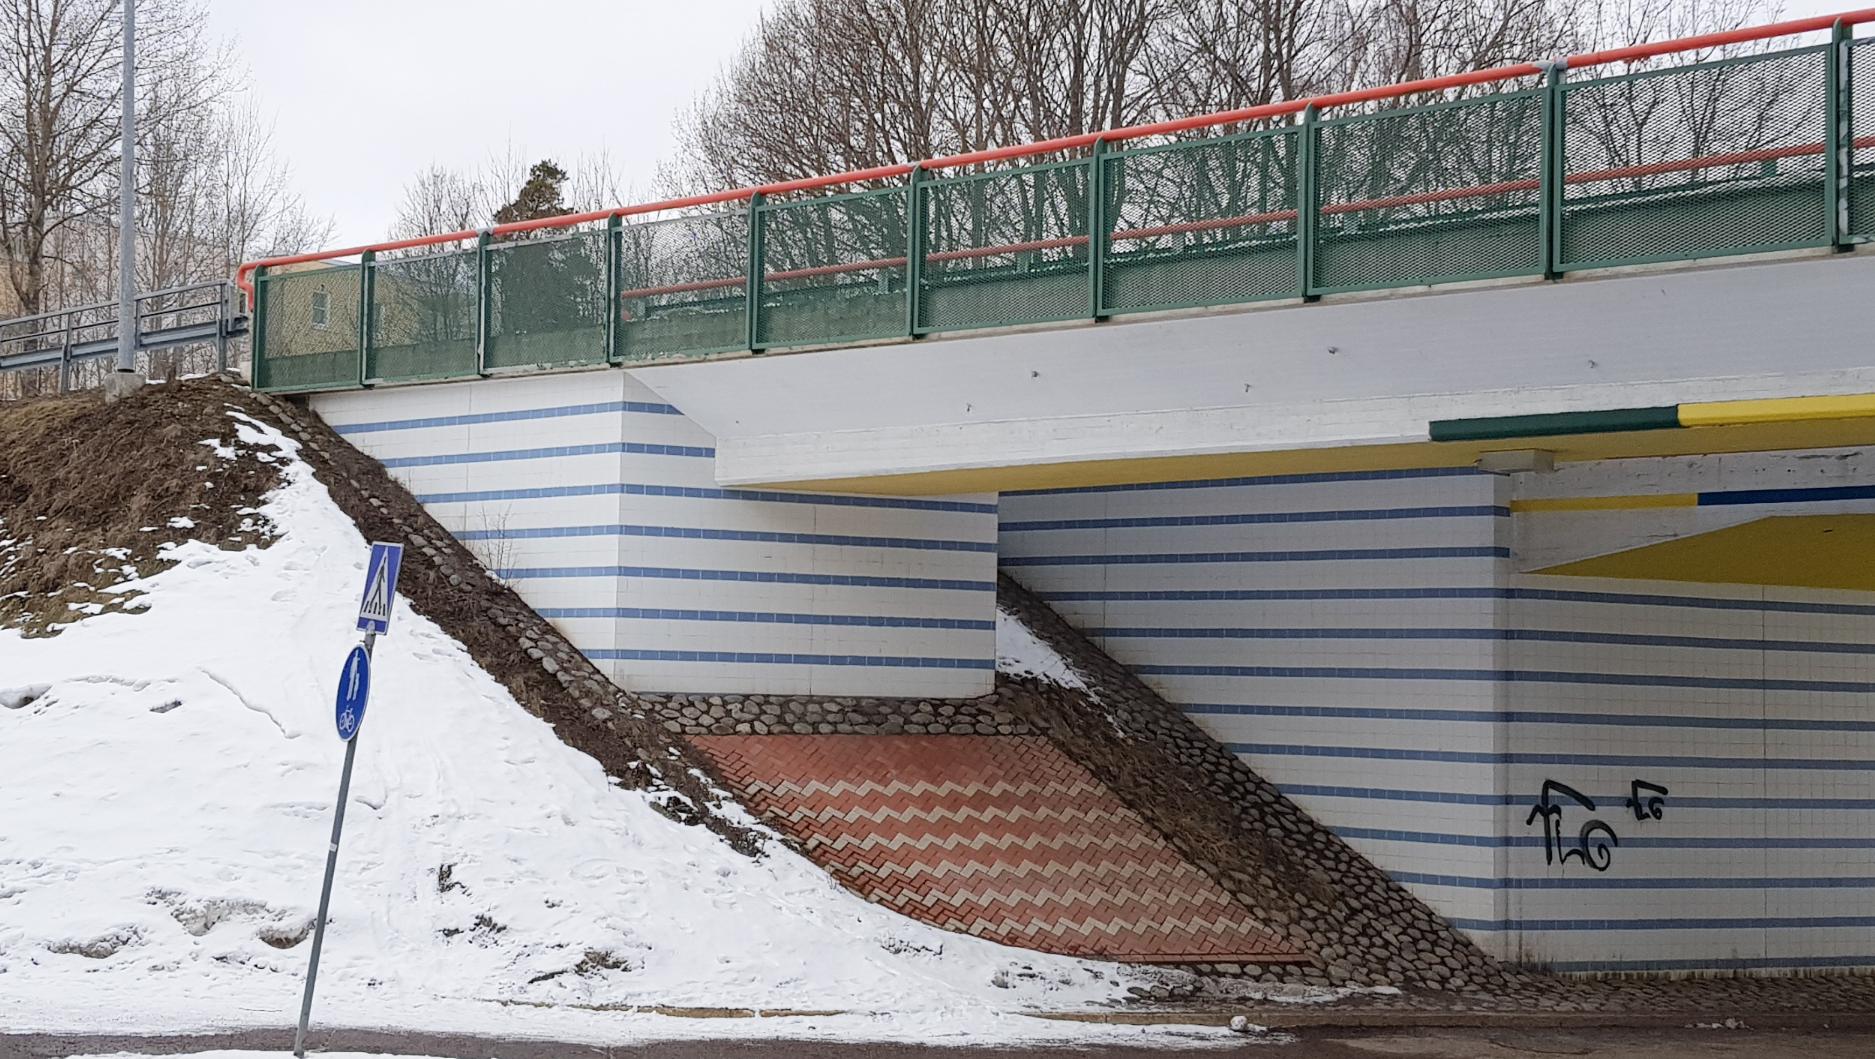 Oulunkylässä Jokeri-bussin käyttämän sillan yksityiskohdat